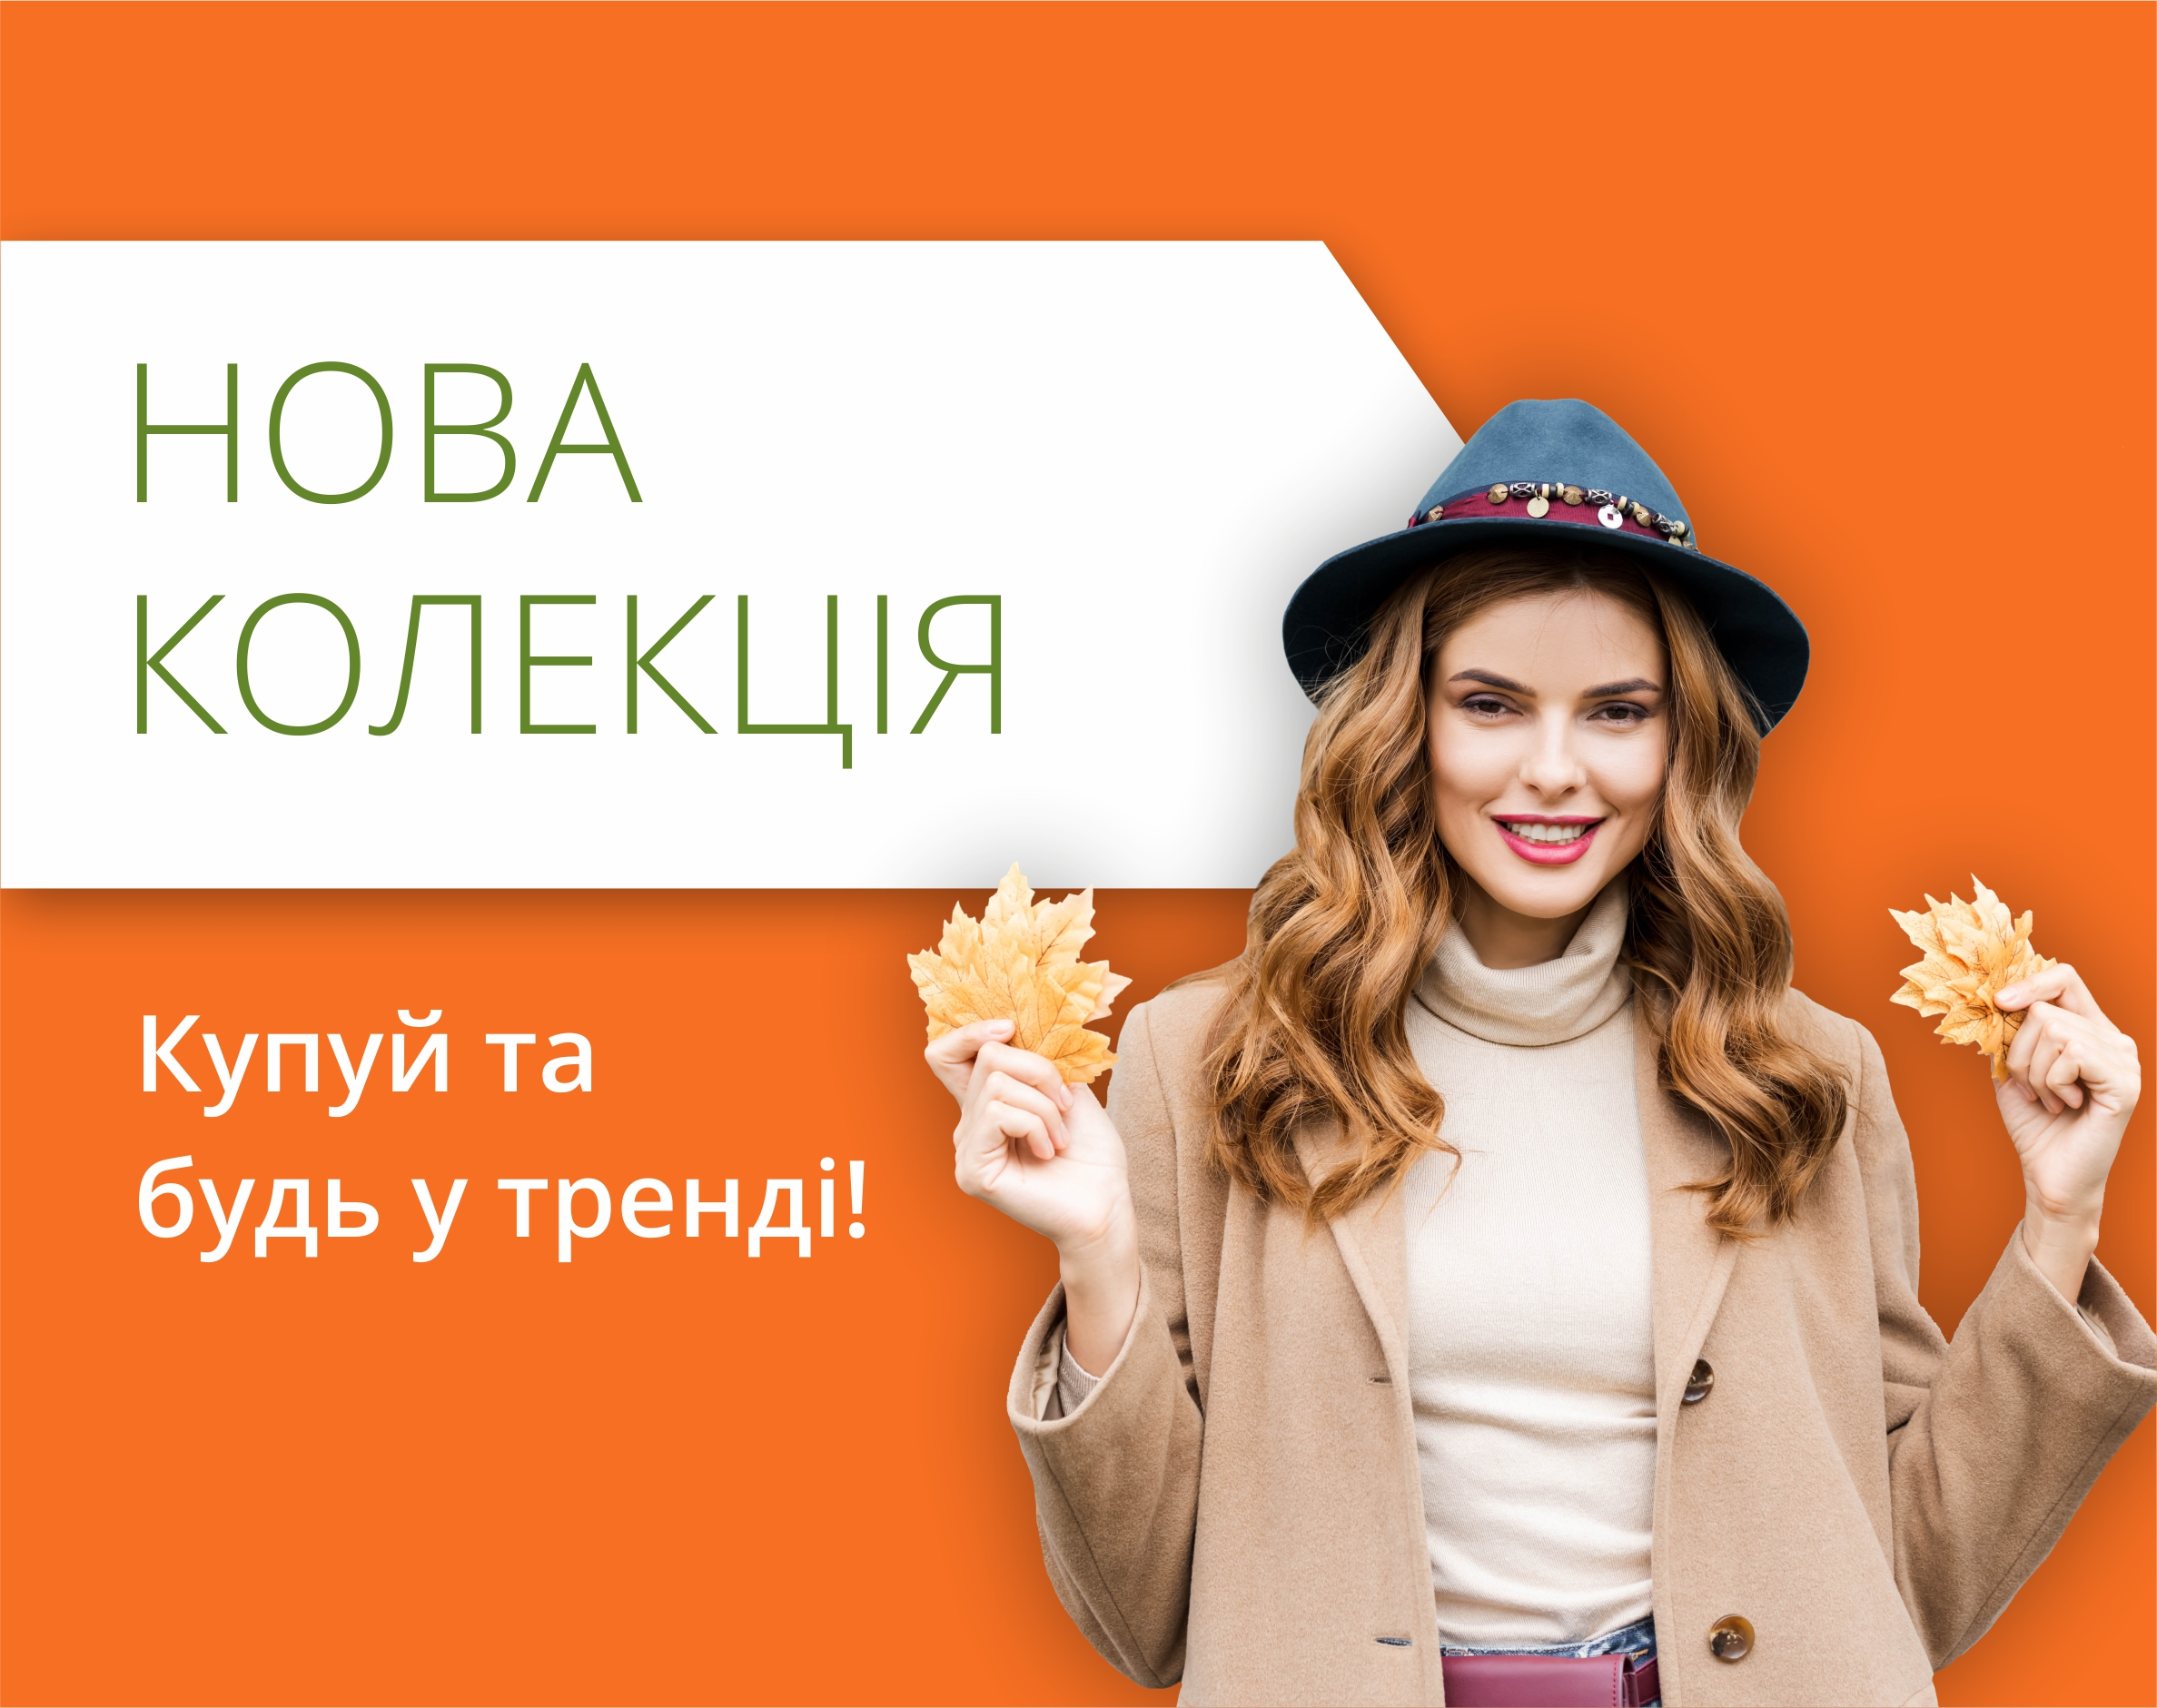 Нова осіння колекція в ТРЦ Любава!